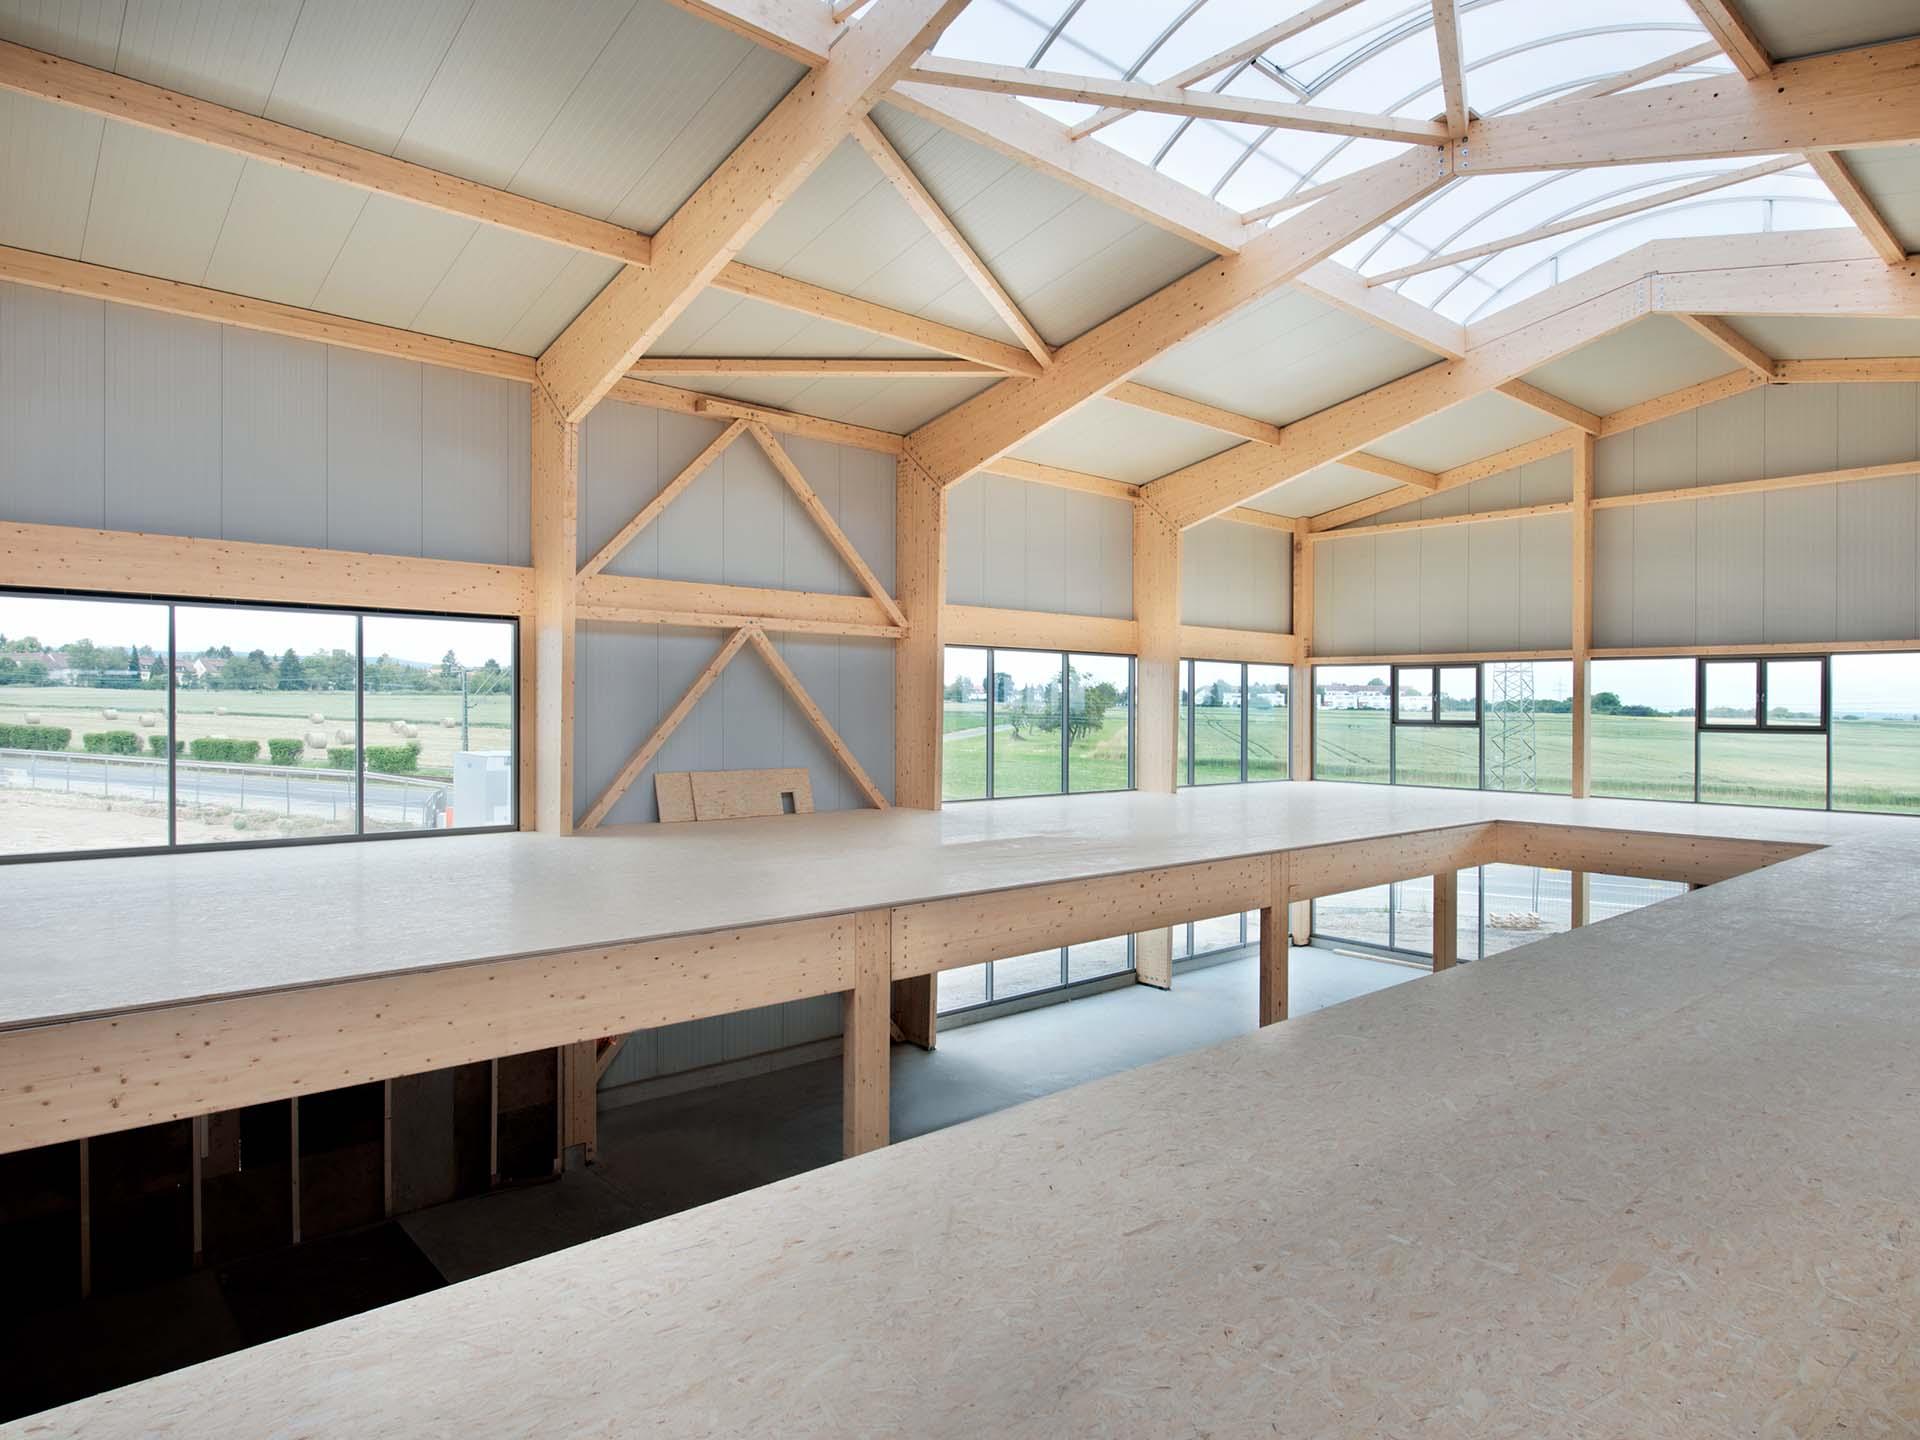 Innenansicht einer Holzhalle mit Zwischendecke und Lichtfirst.